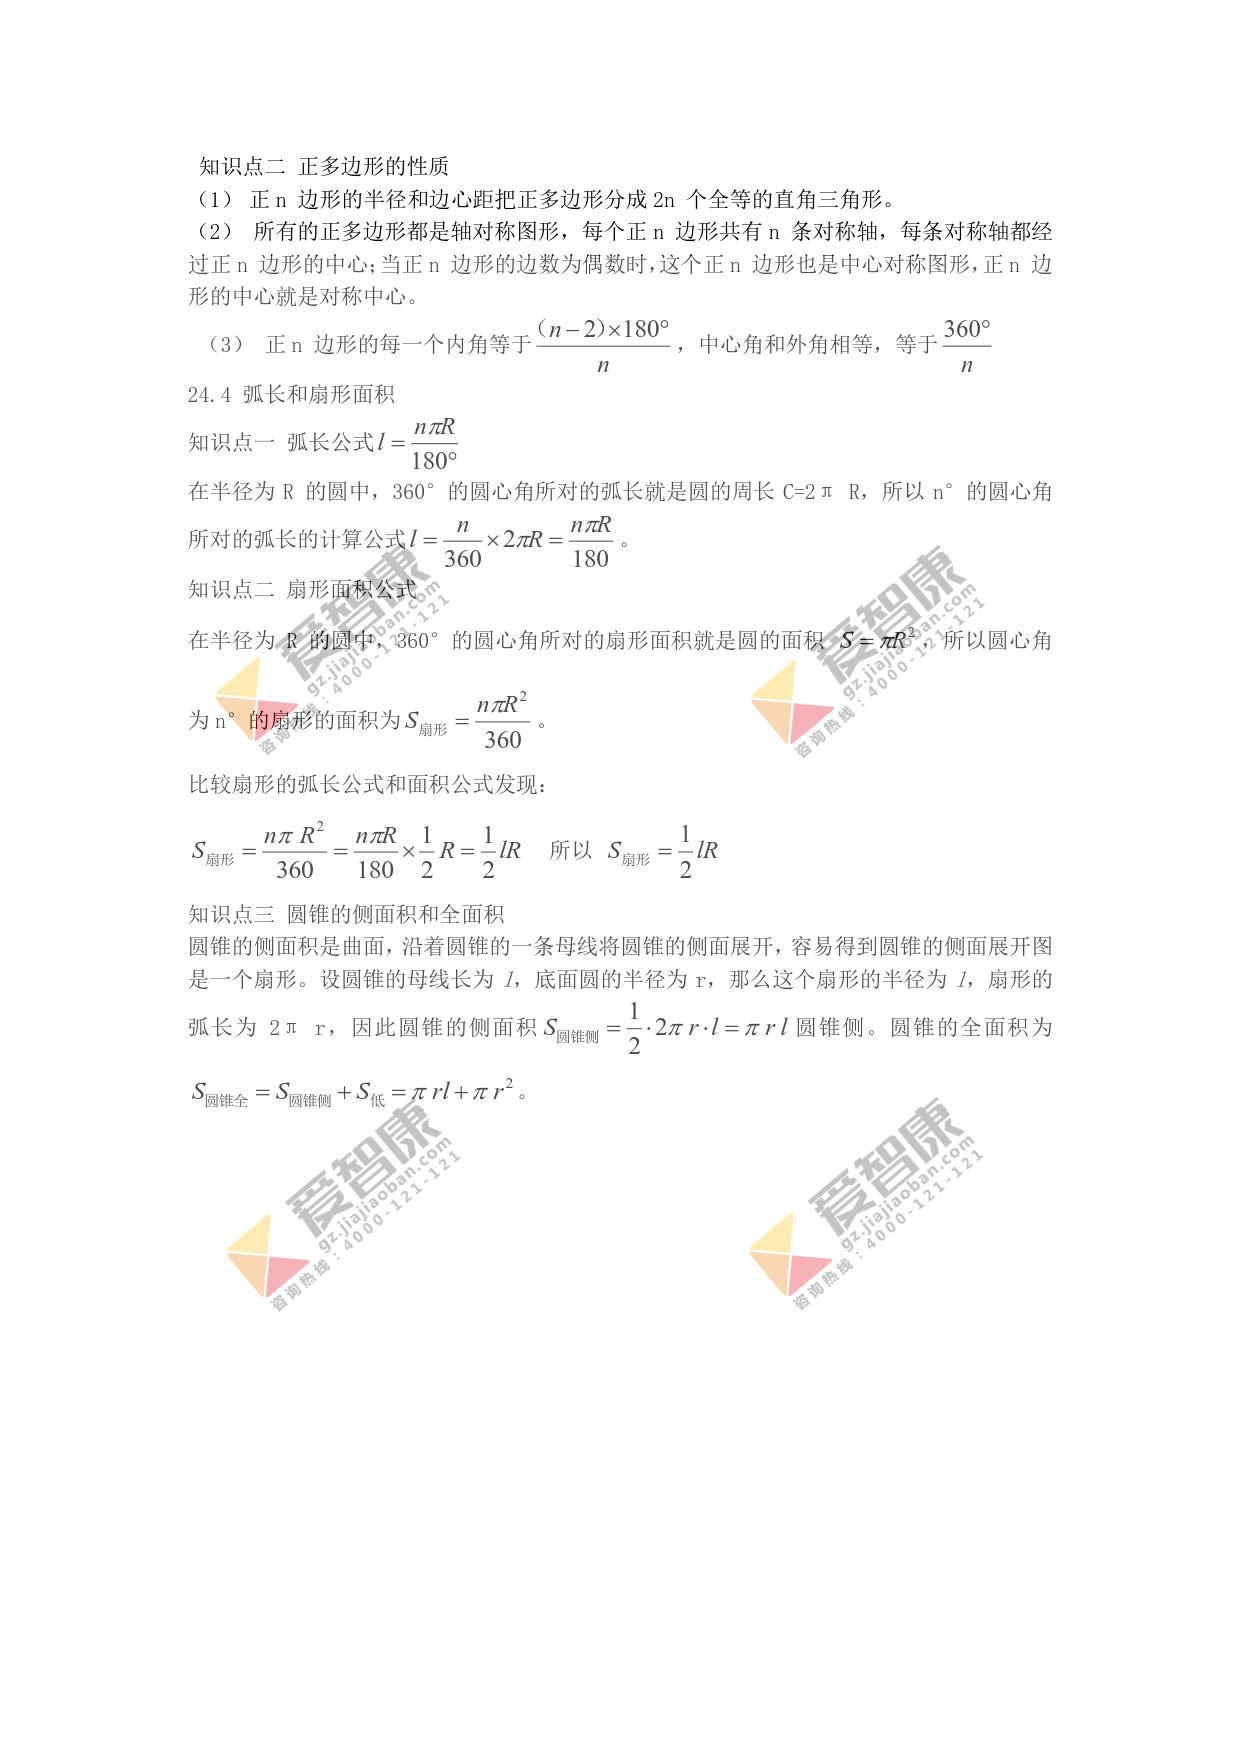 广州初三数学上学期知识点:圆